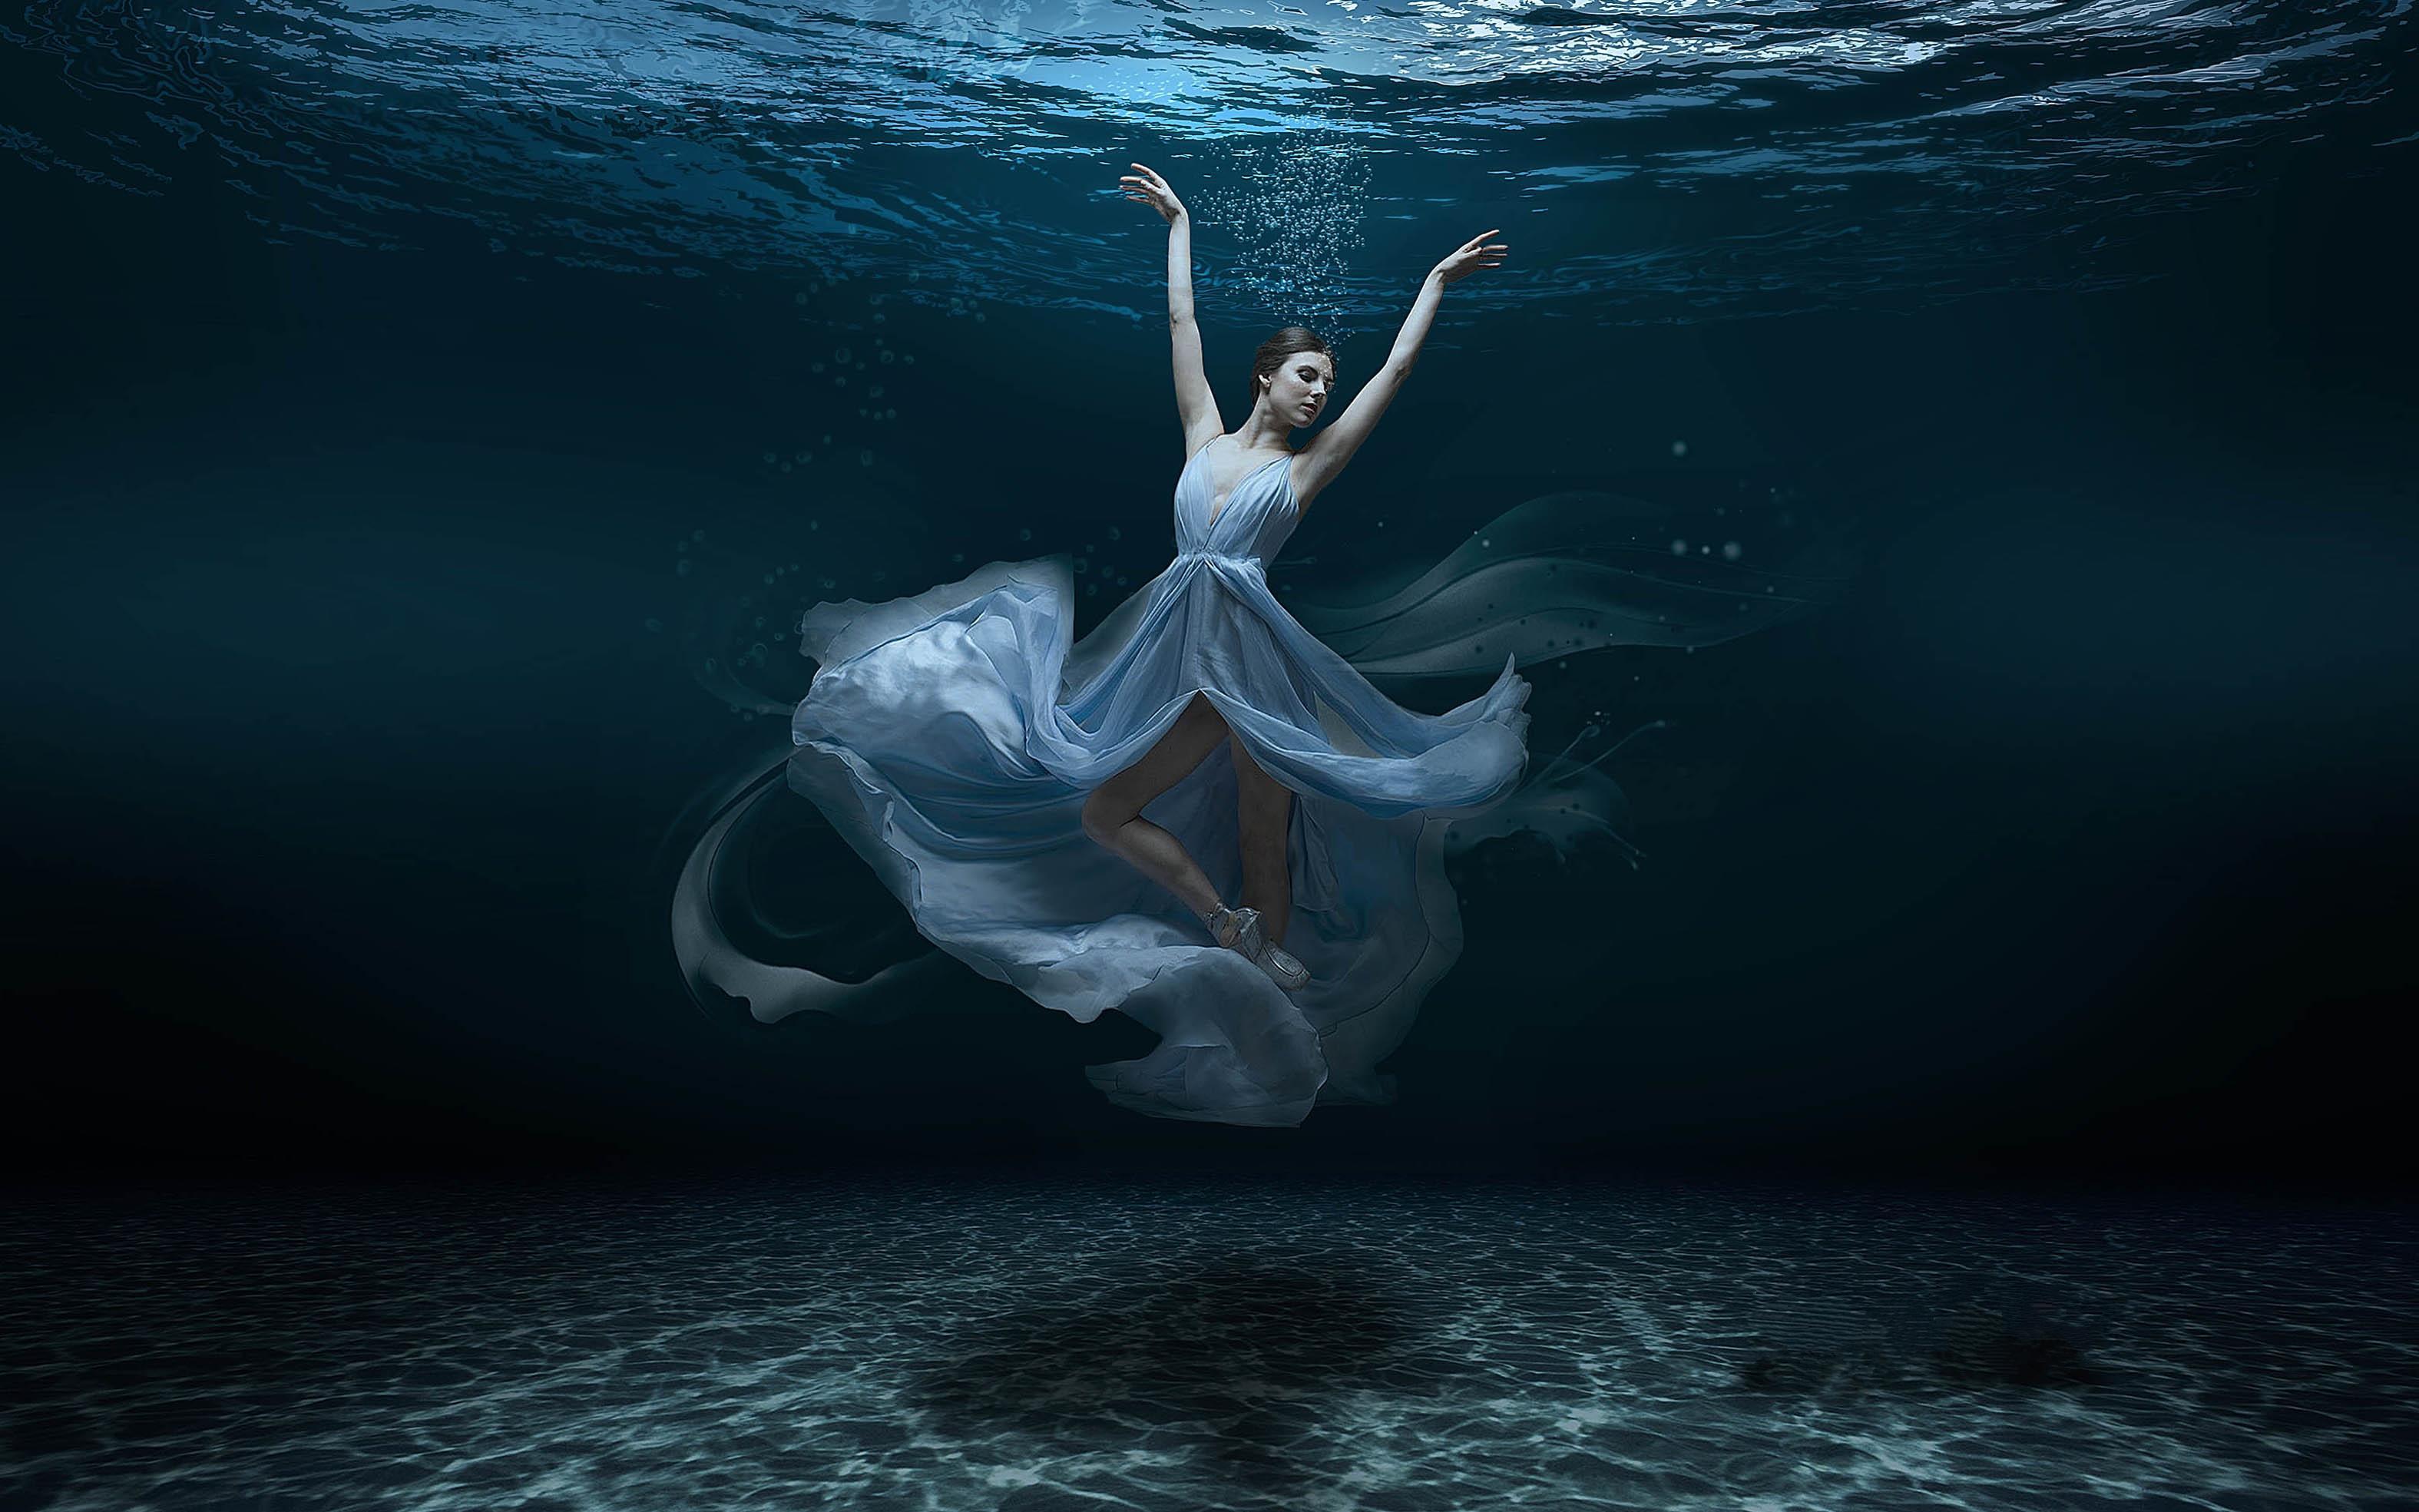 что фото танец под водой чертой нижней части